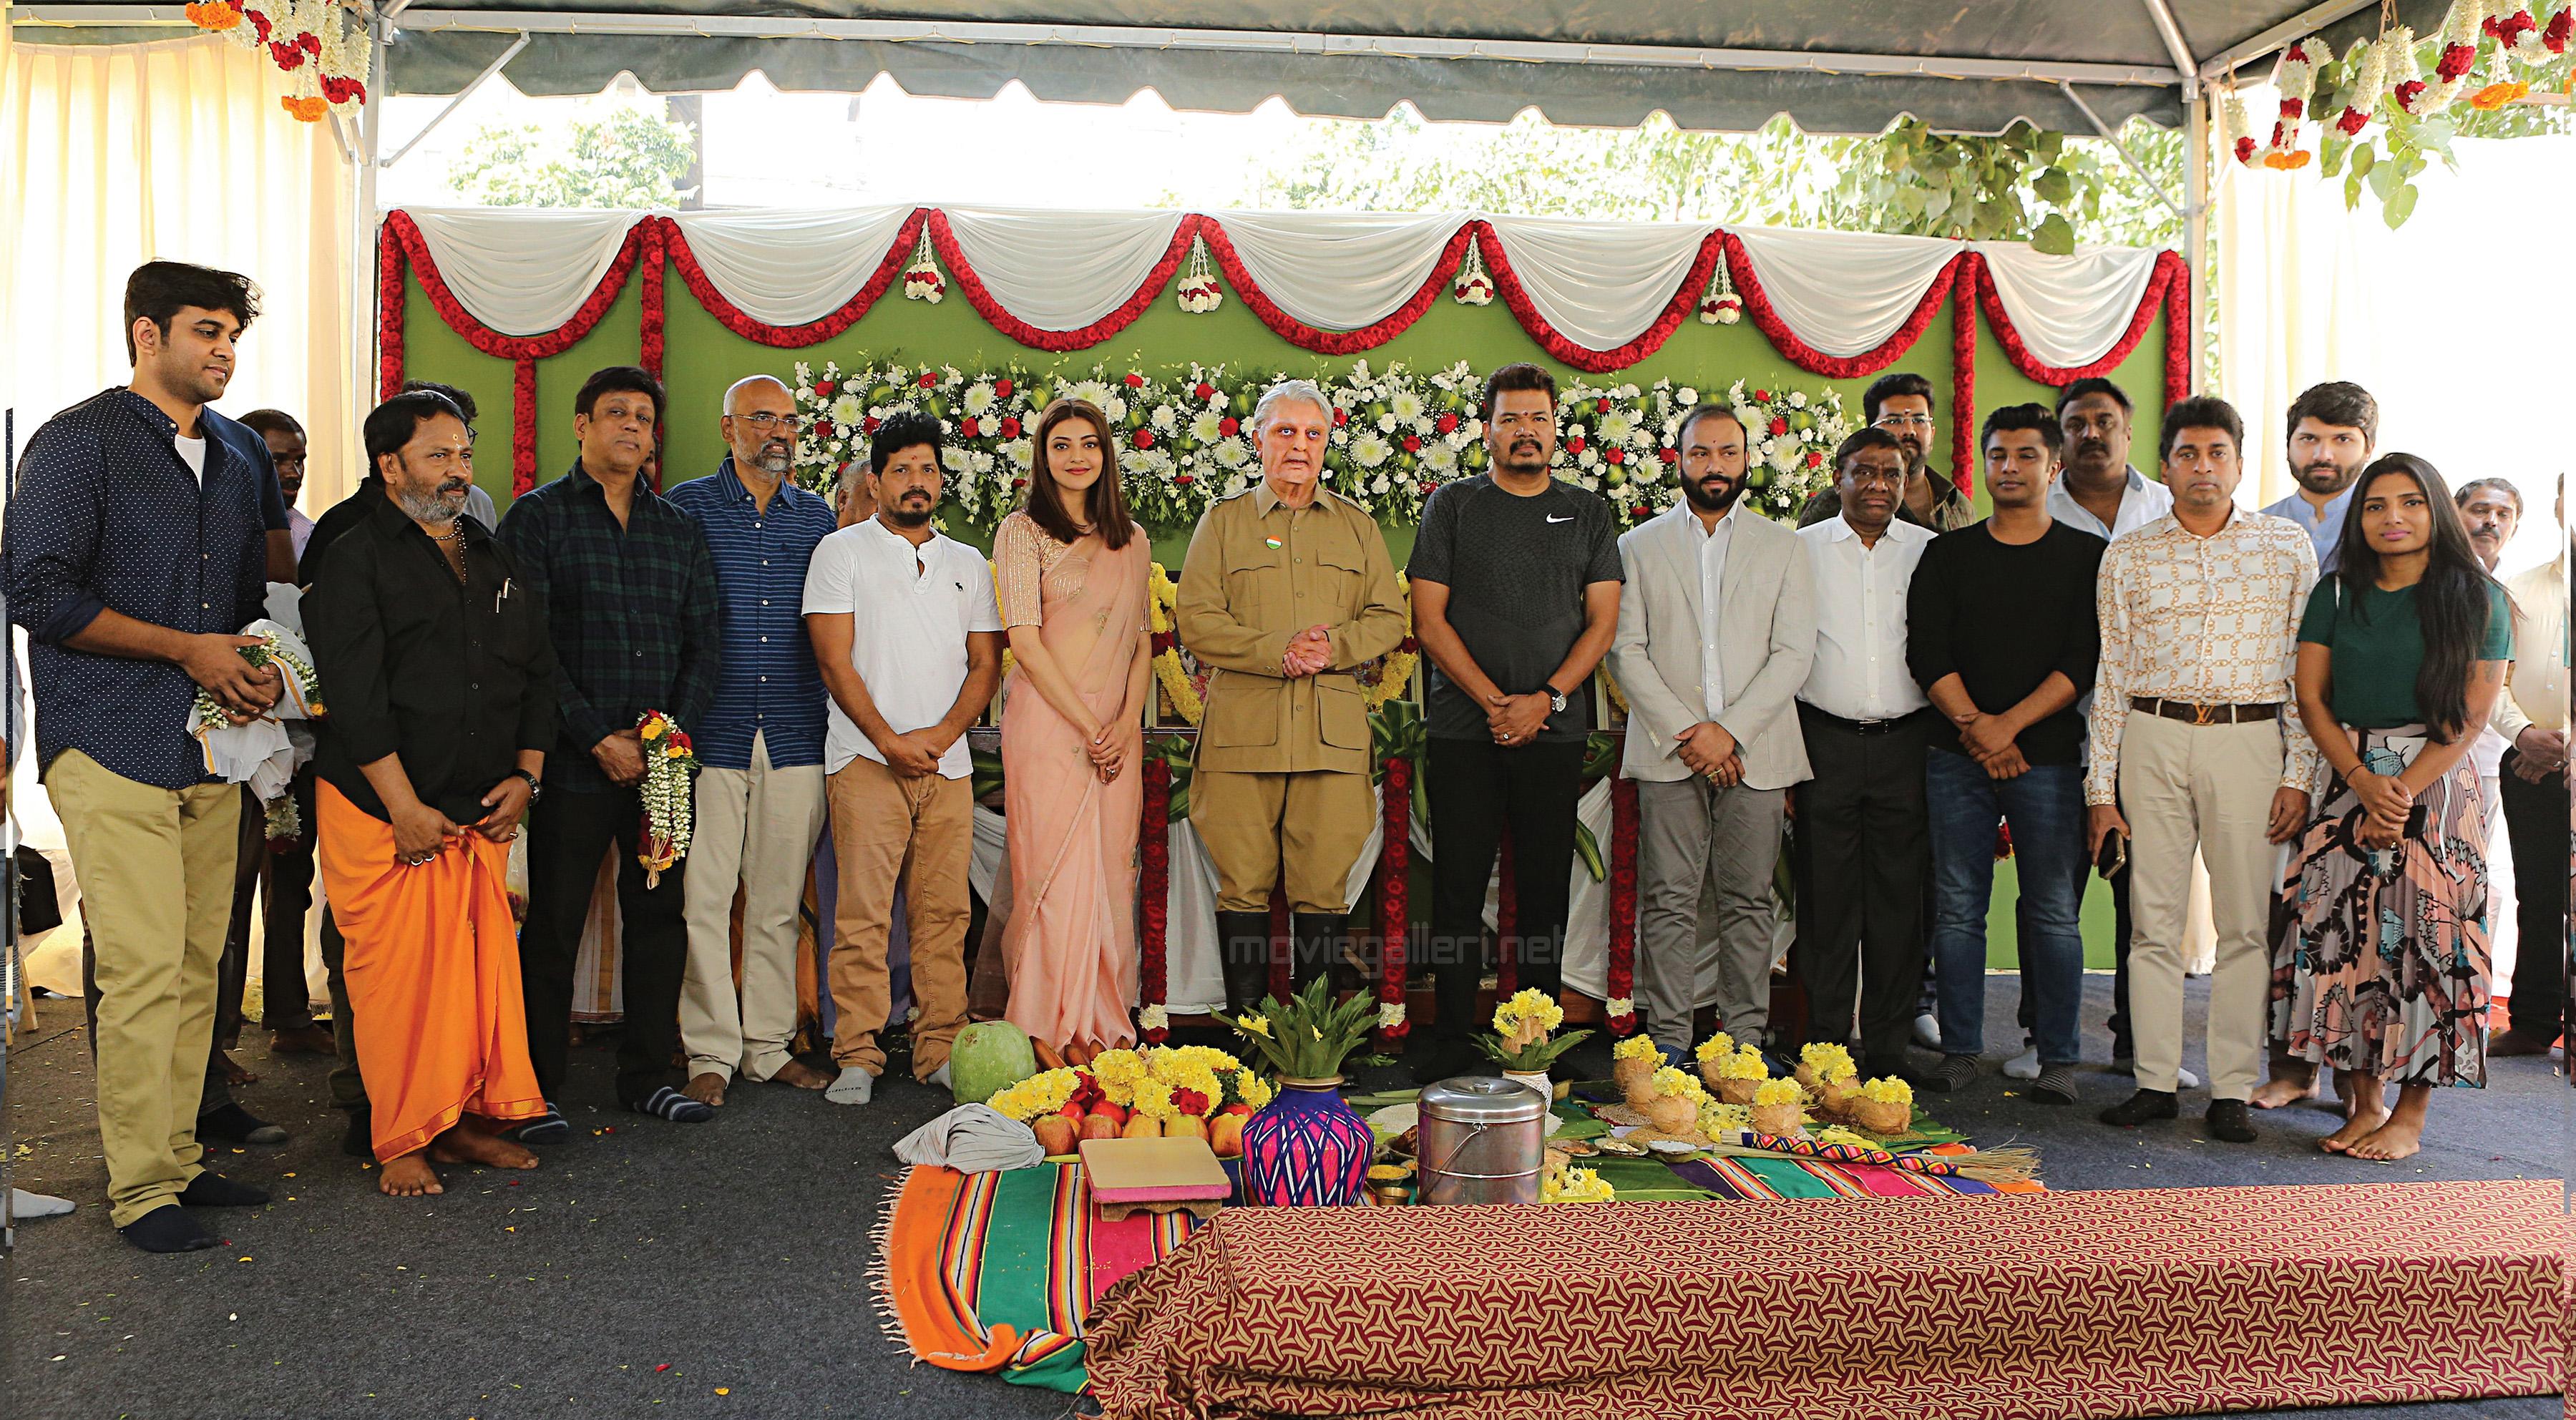 Kamal Kaasan, Shankar, Kajal Agarwal, Ravi Varman, Suresh URS, T Muthuraj, Kabilan Vairamuthu, Vivek, AM Rathnam, Karunamoorthy & Subaskaran at Indian 2 Movie Pooja Still HD.